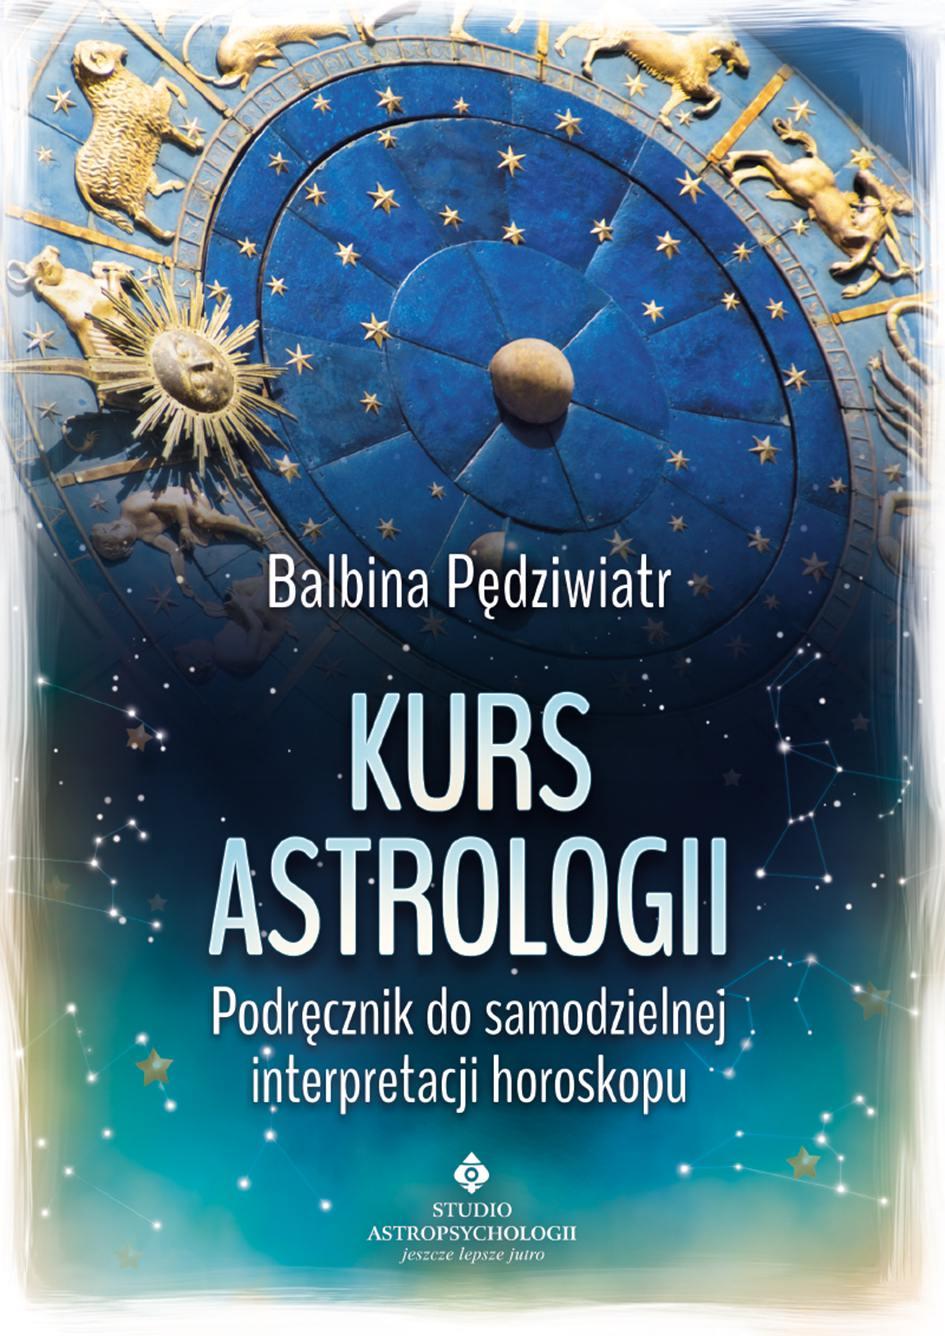 Kurs astrologii. Podręcznik do samodzielnej interpretacji horoskopu - Ebook (Książka PDF) do pobrania w formacie PDF